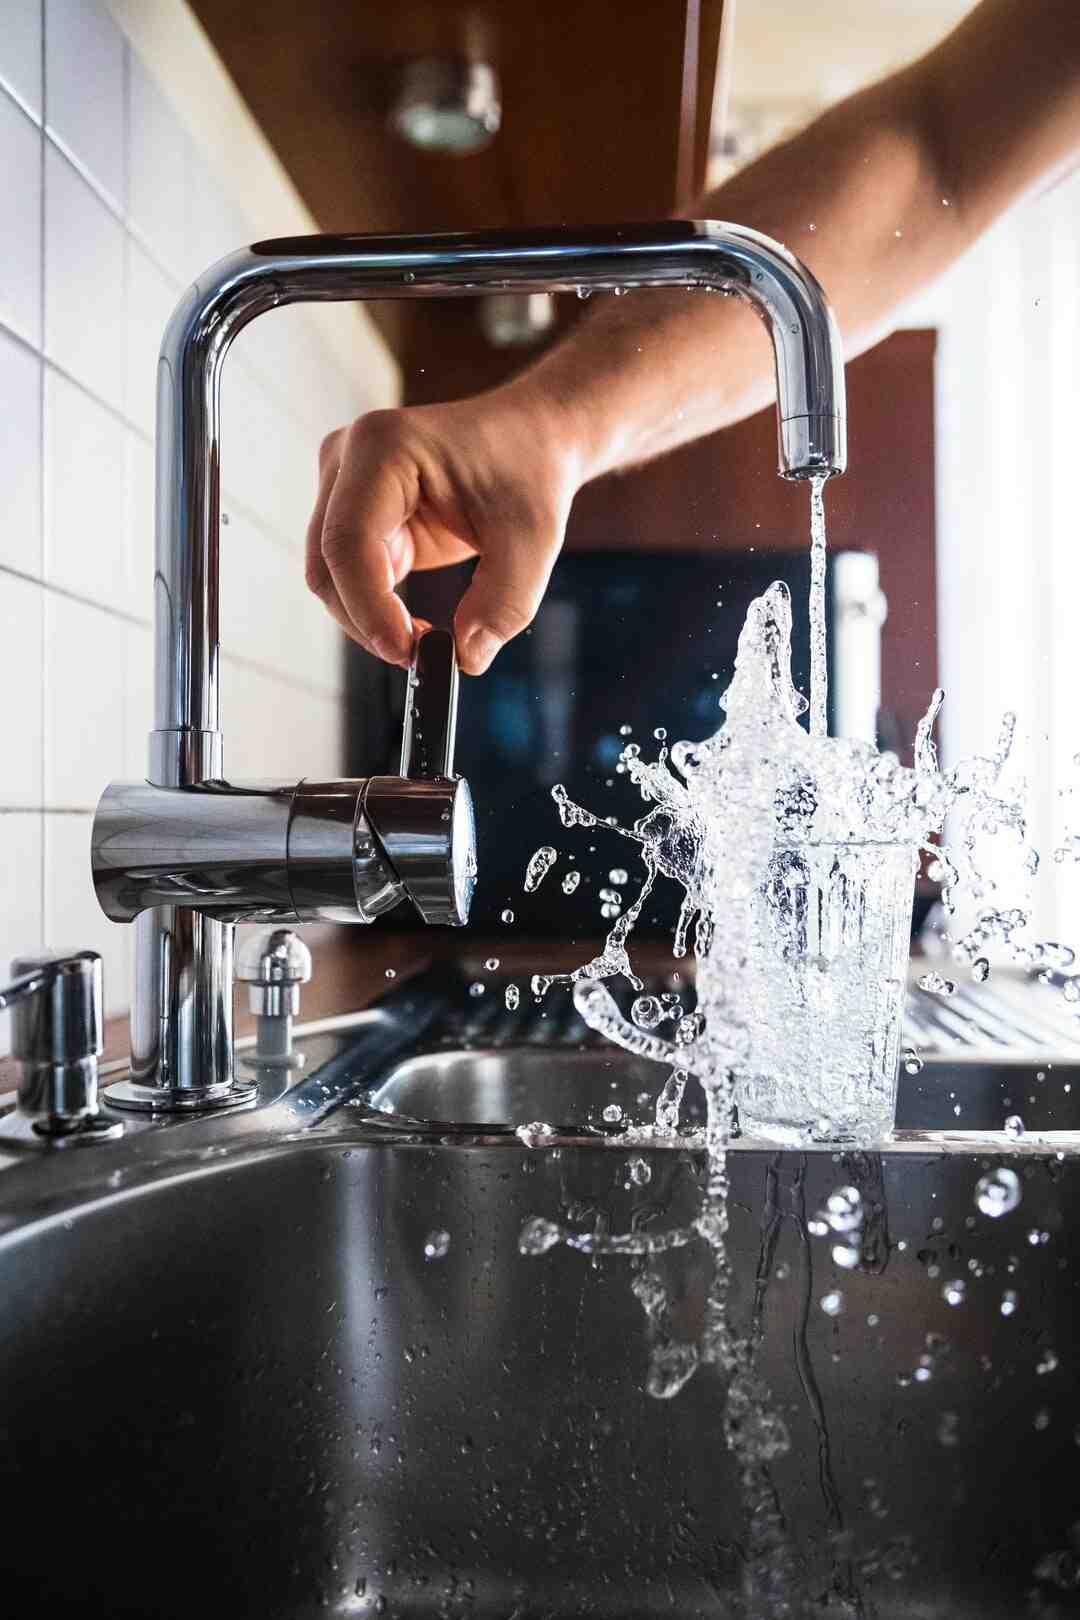 Quel tuyau pour amener l'eau ?